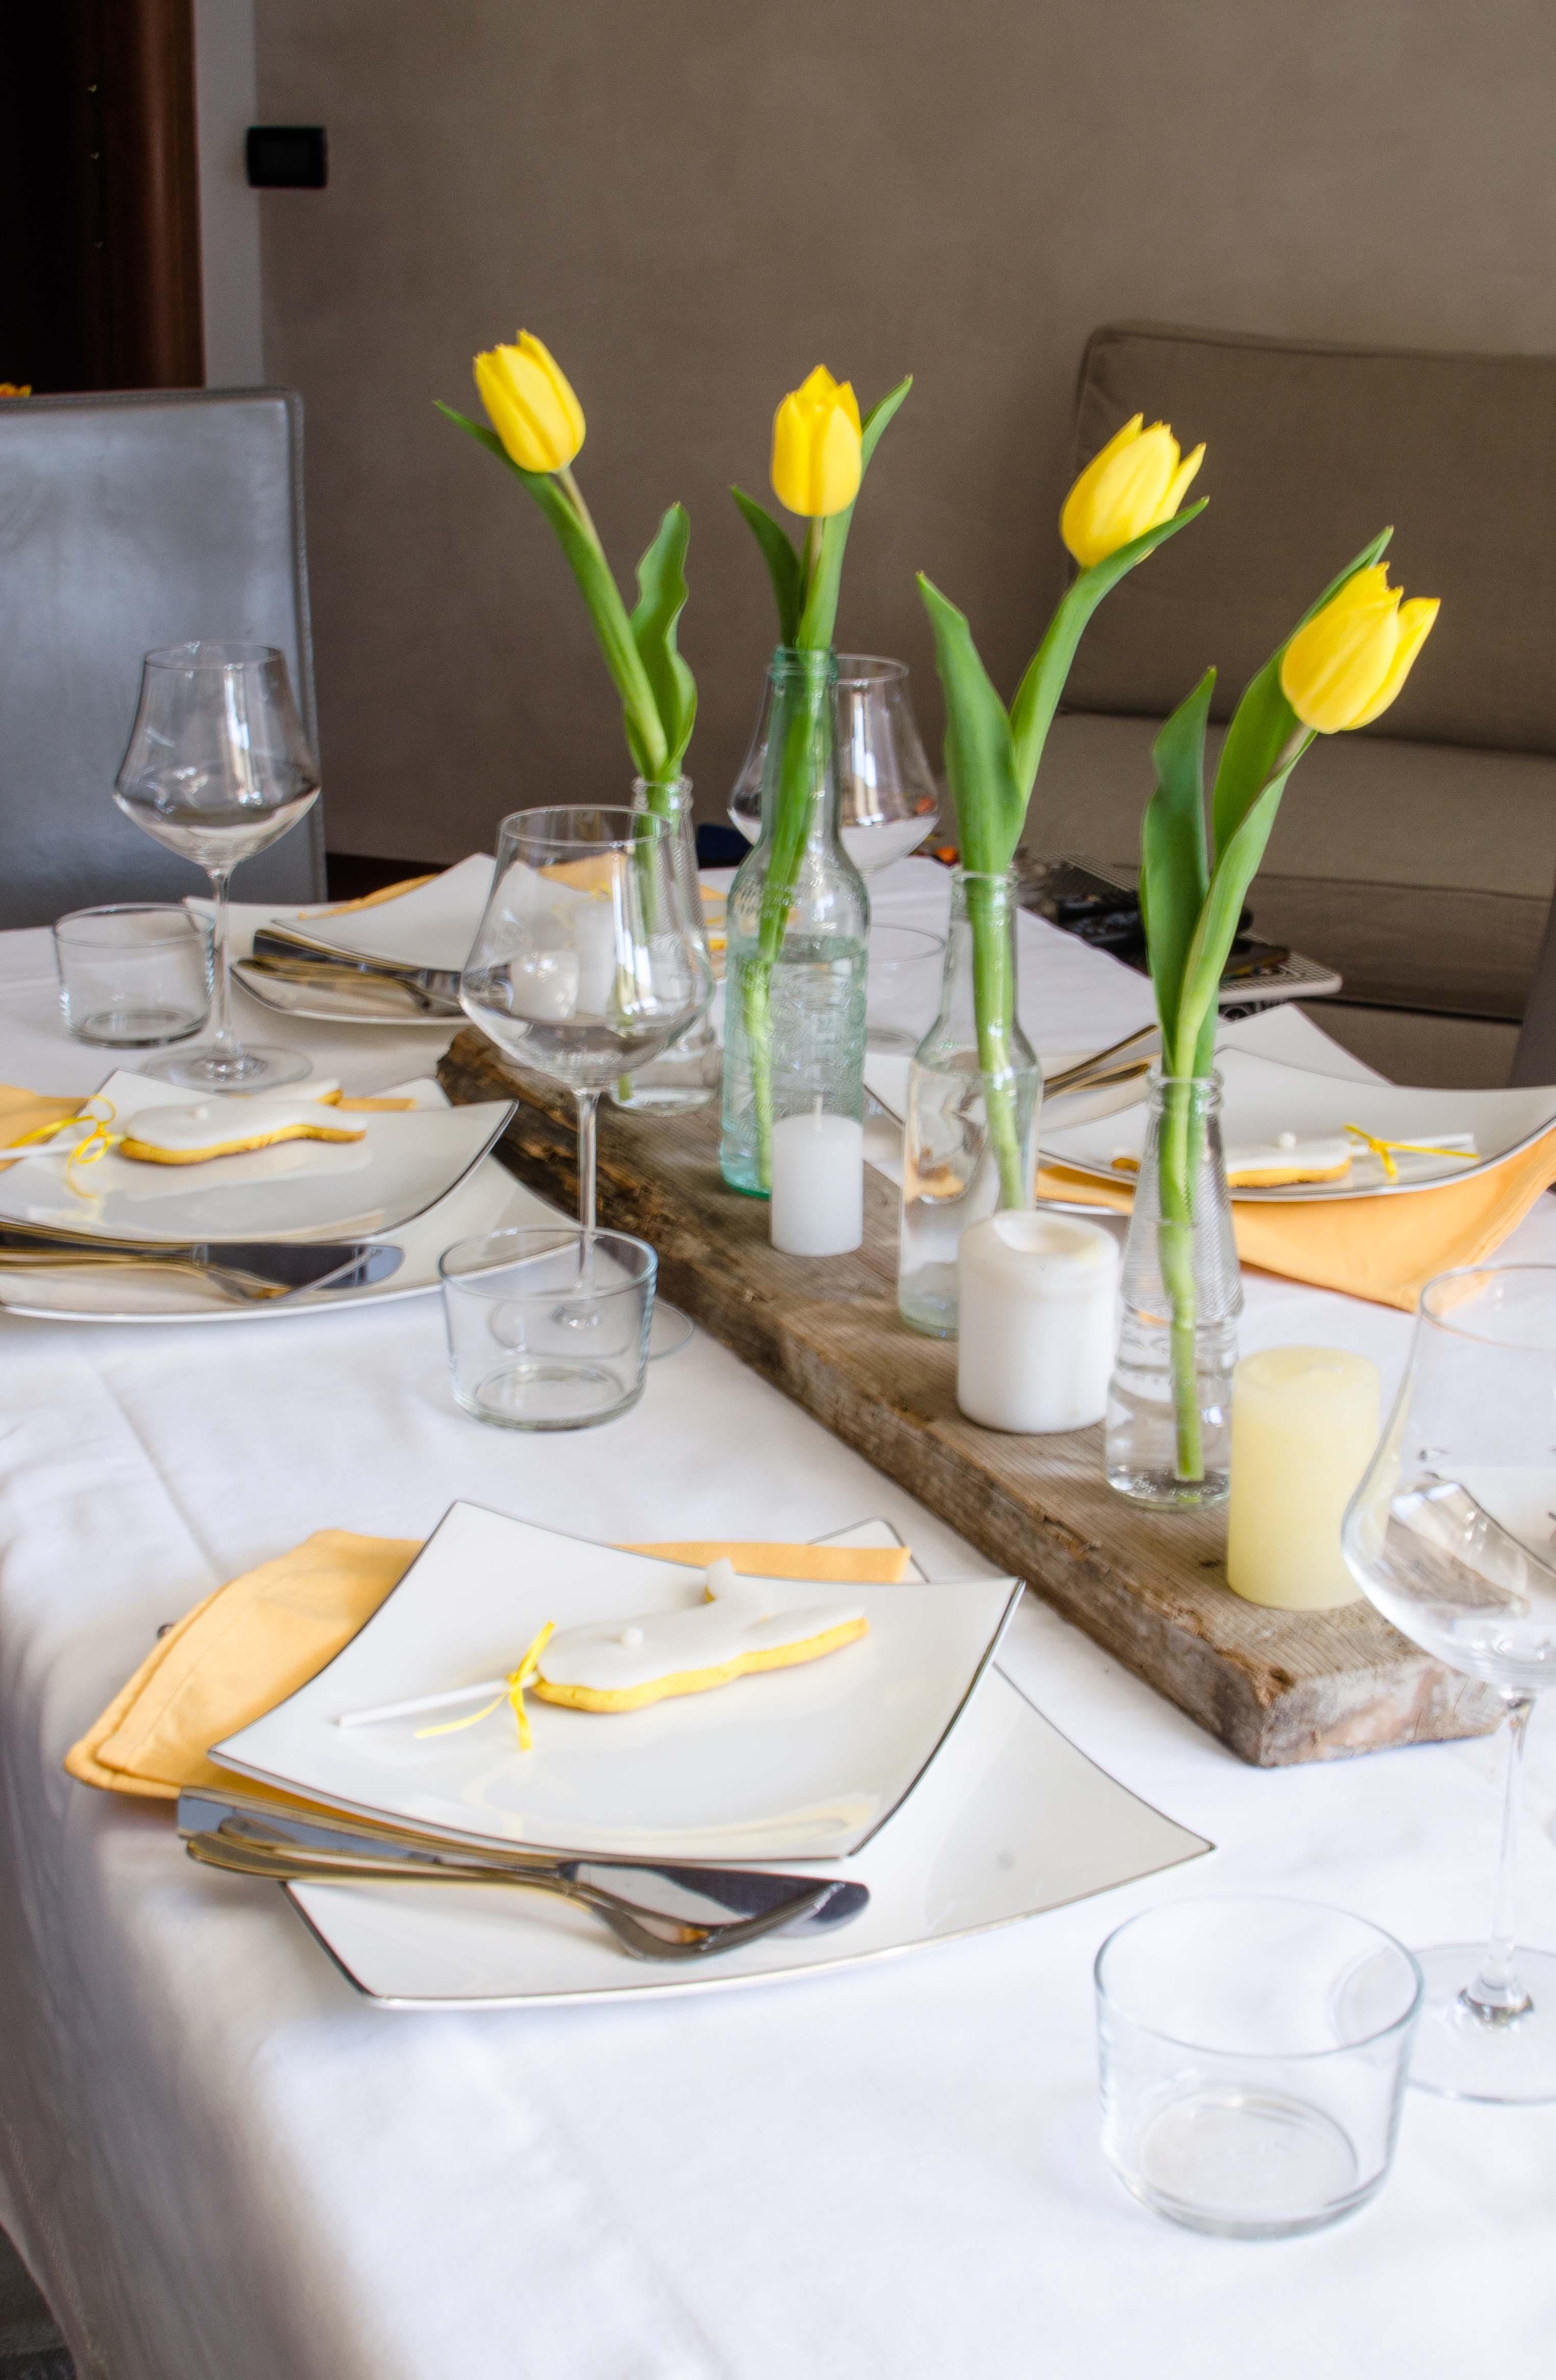 tavola_pasqua4 La mia tavola bianca e gialla